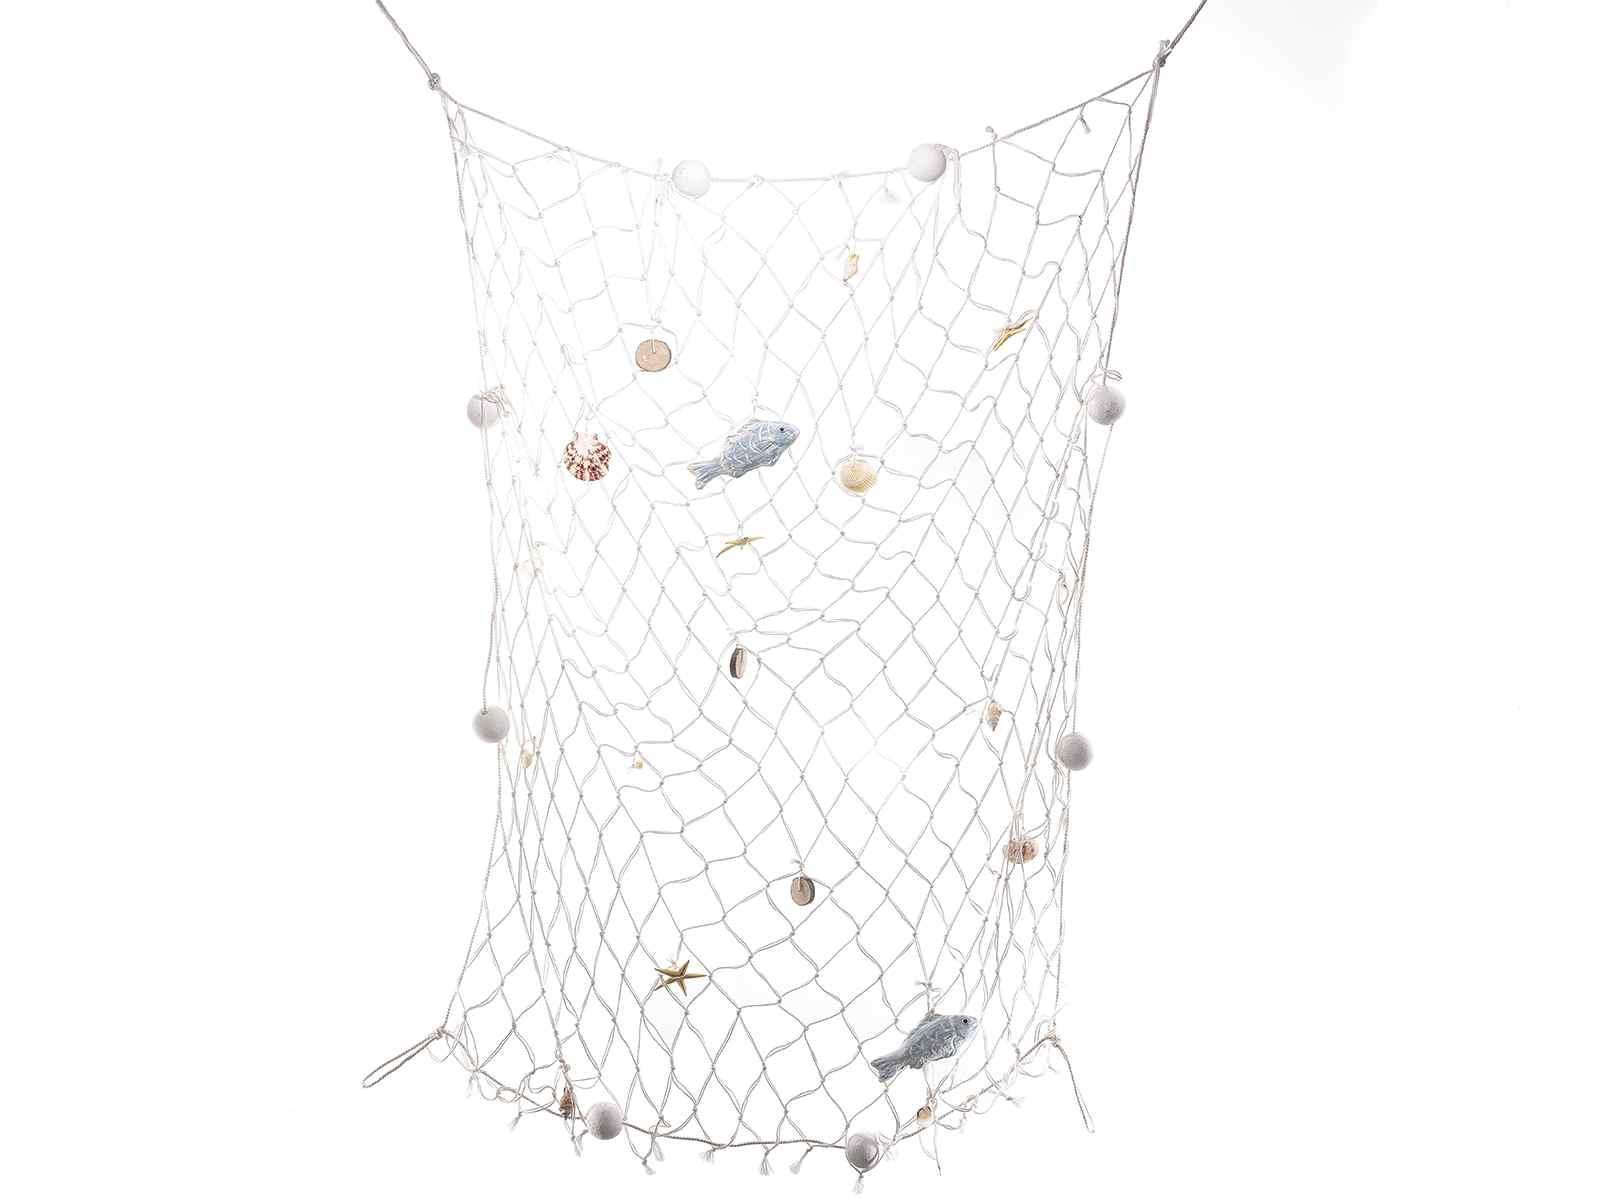 Rete da pesca in corda con decorazioni marine - Rete da pesca per decorazioni ...